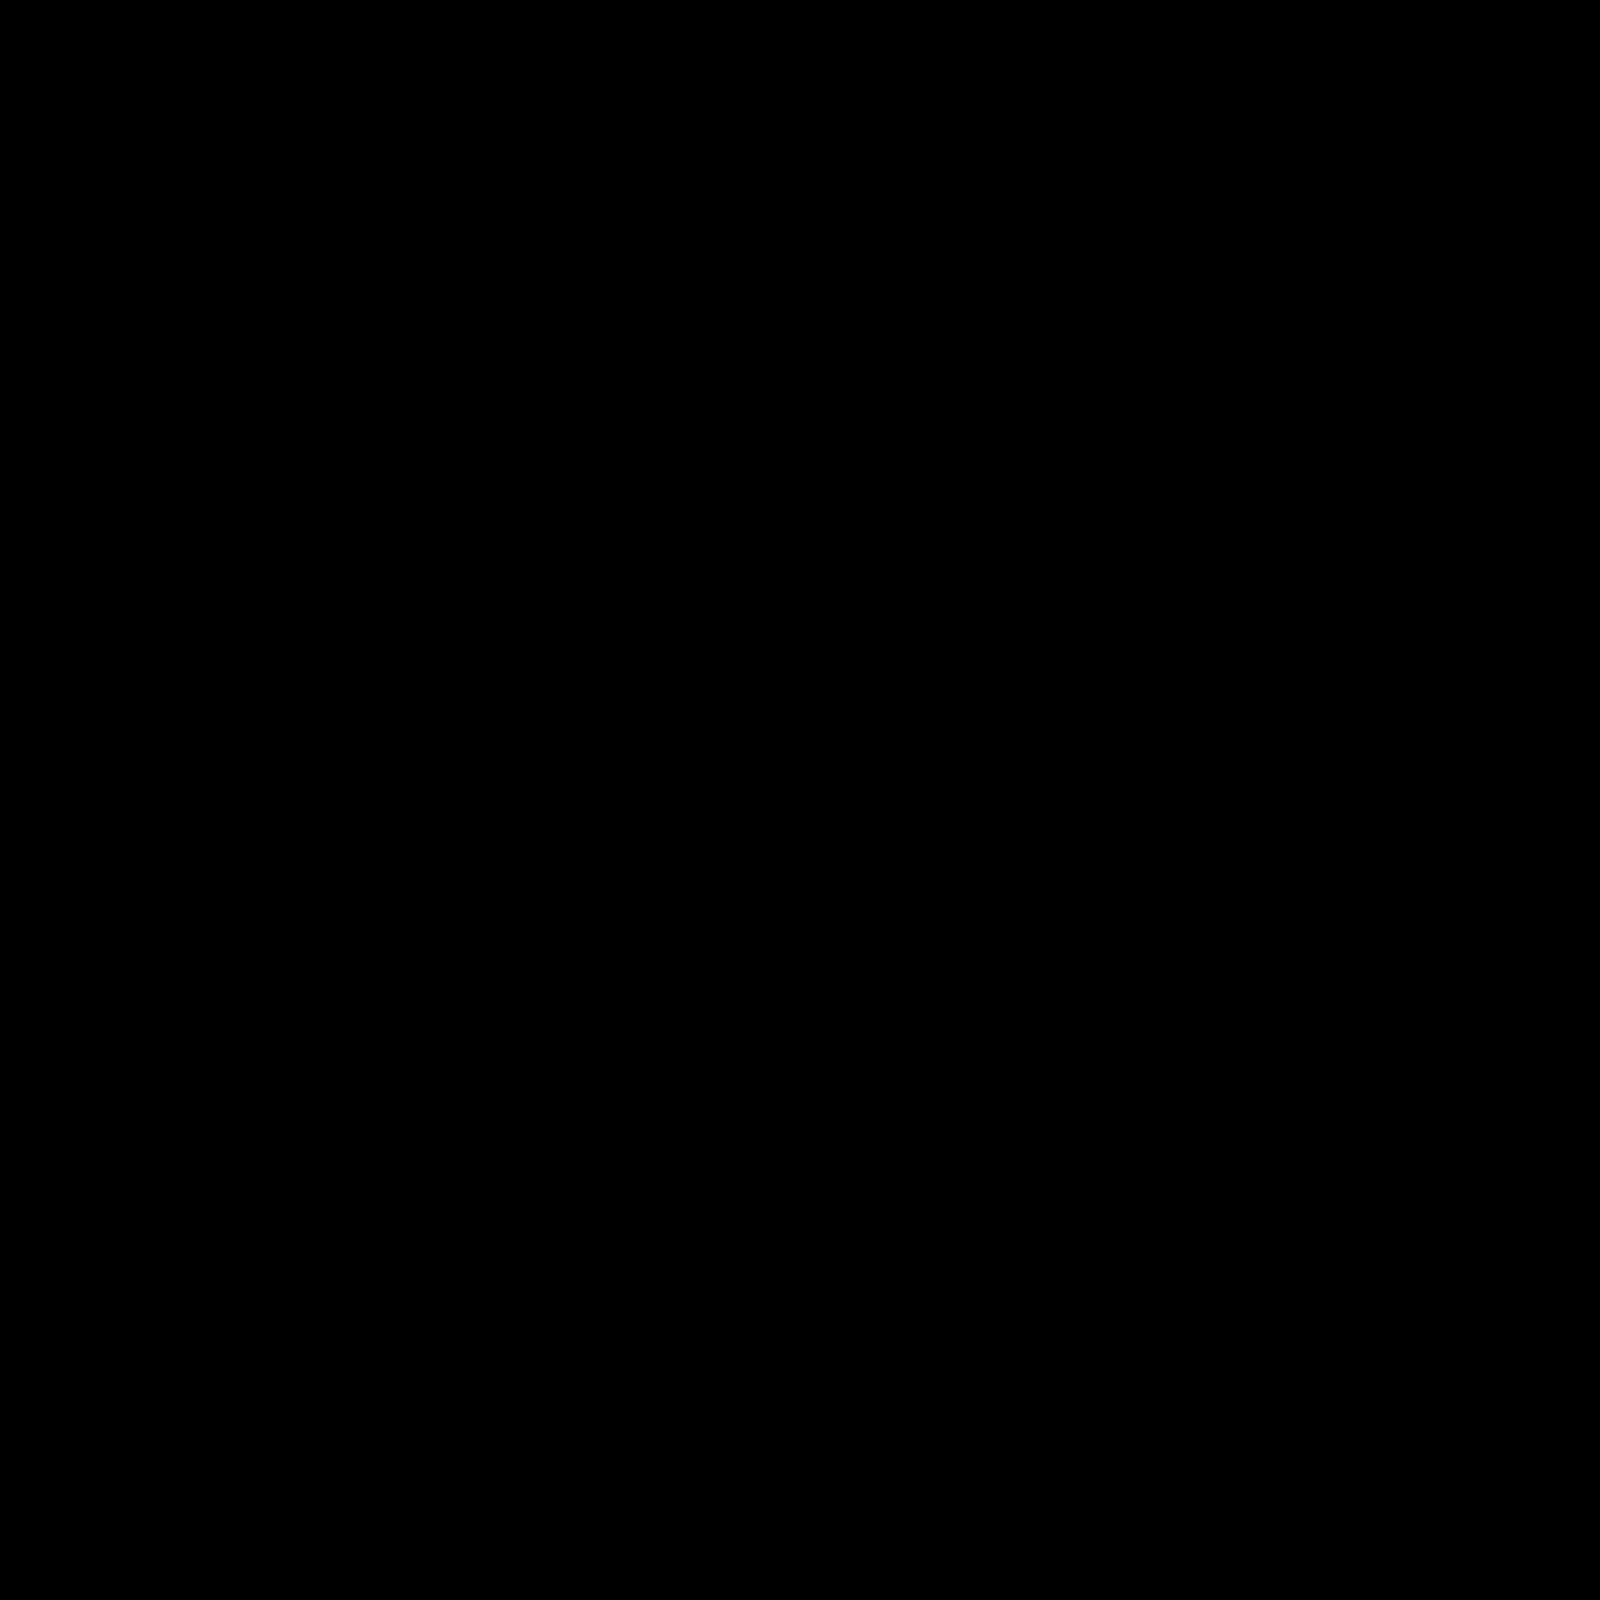 Przykładowy tekst icon